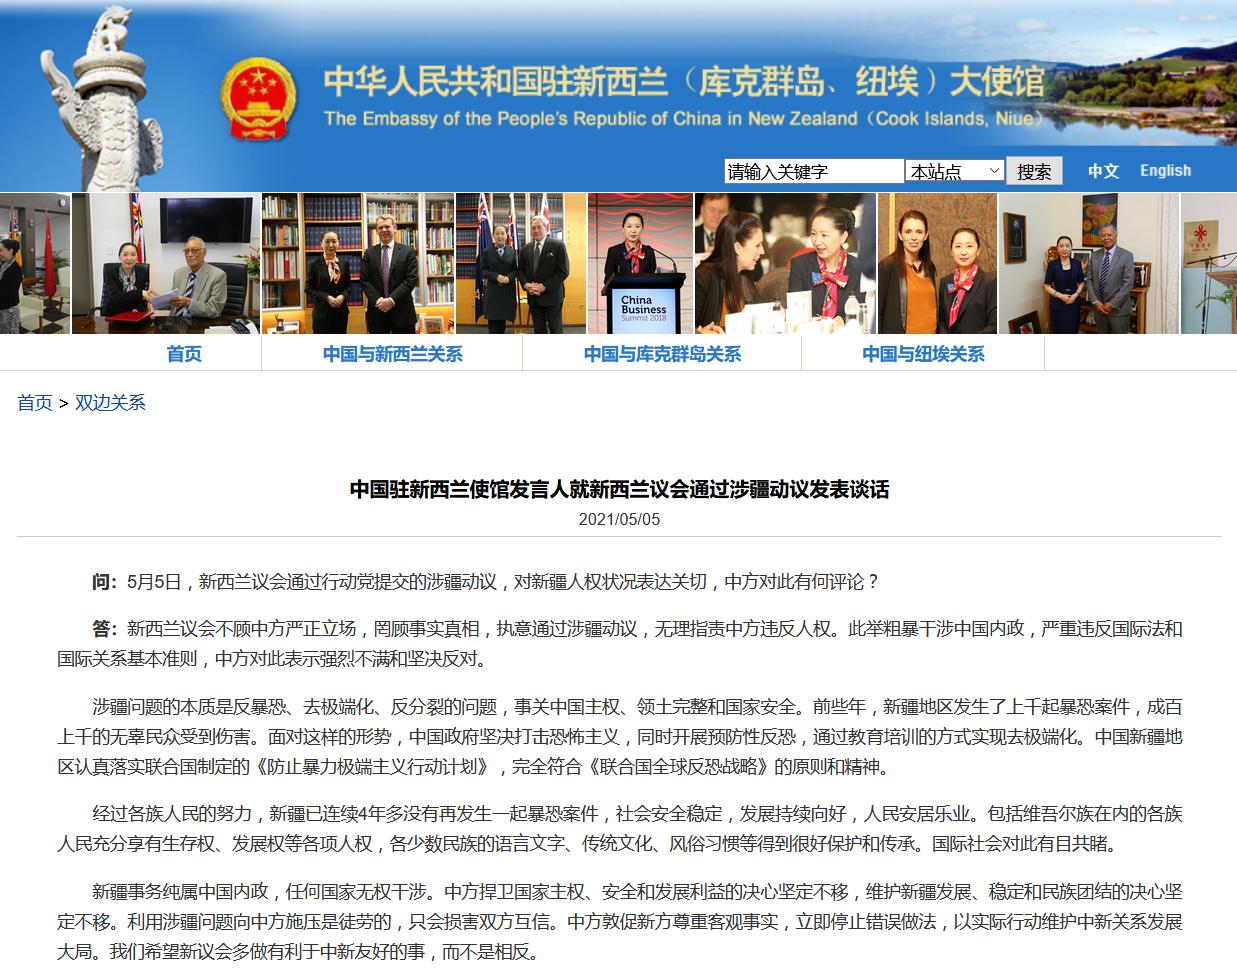 新西兰议会执意通过涉疆动议,中方回应